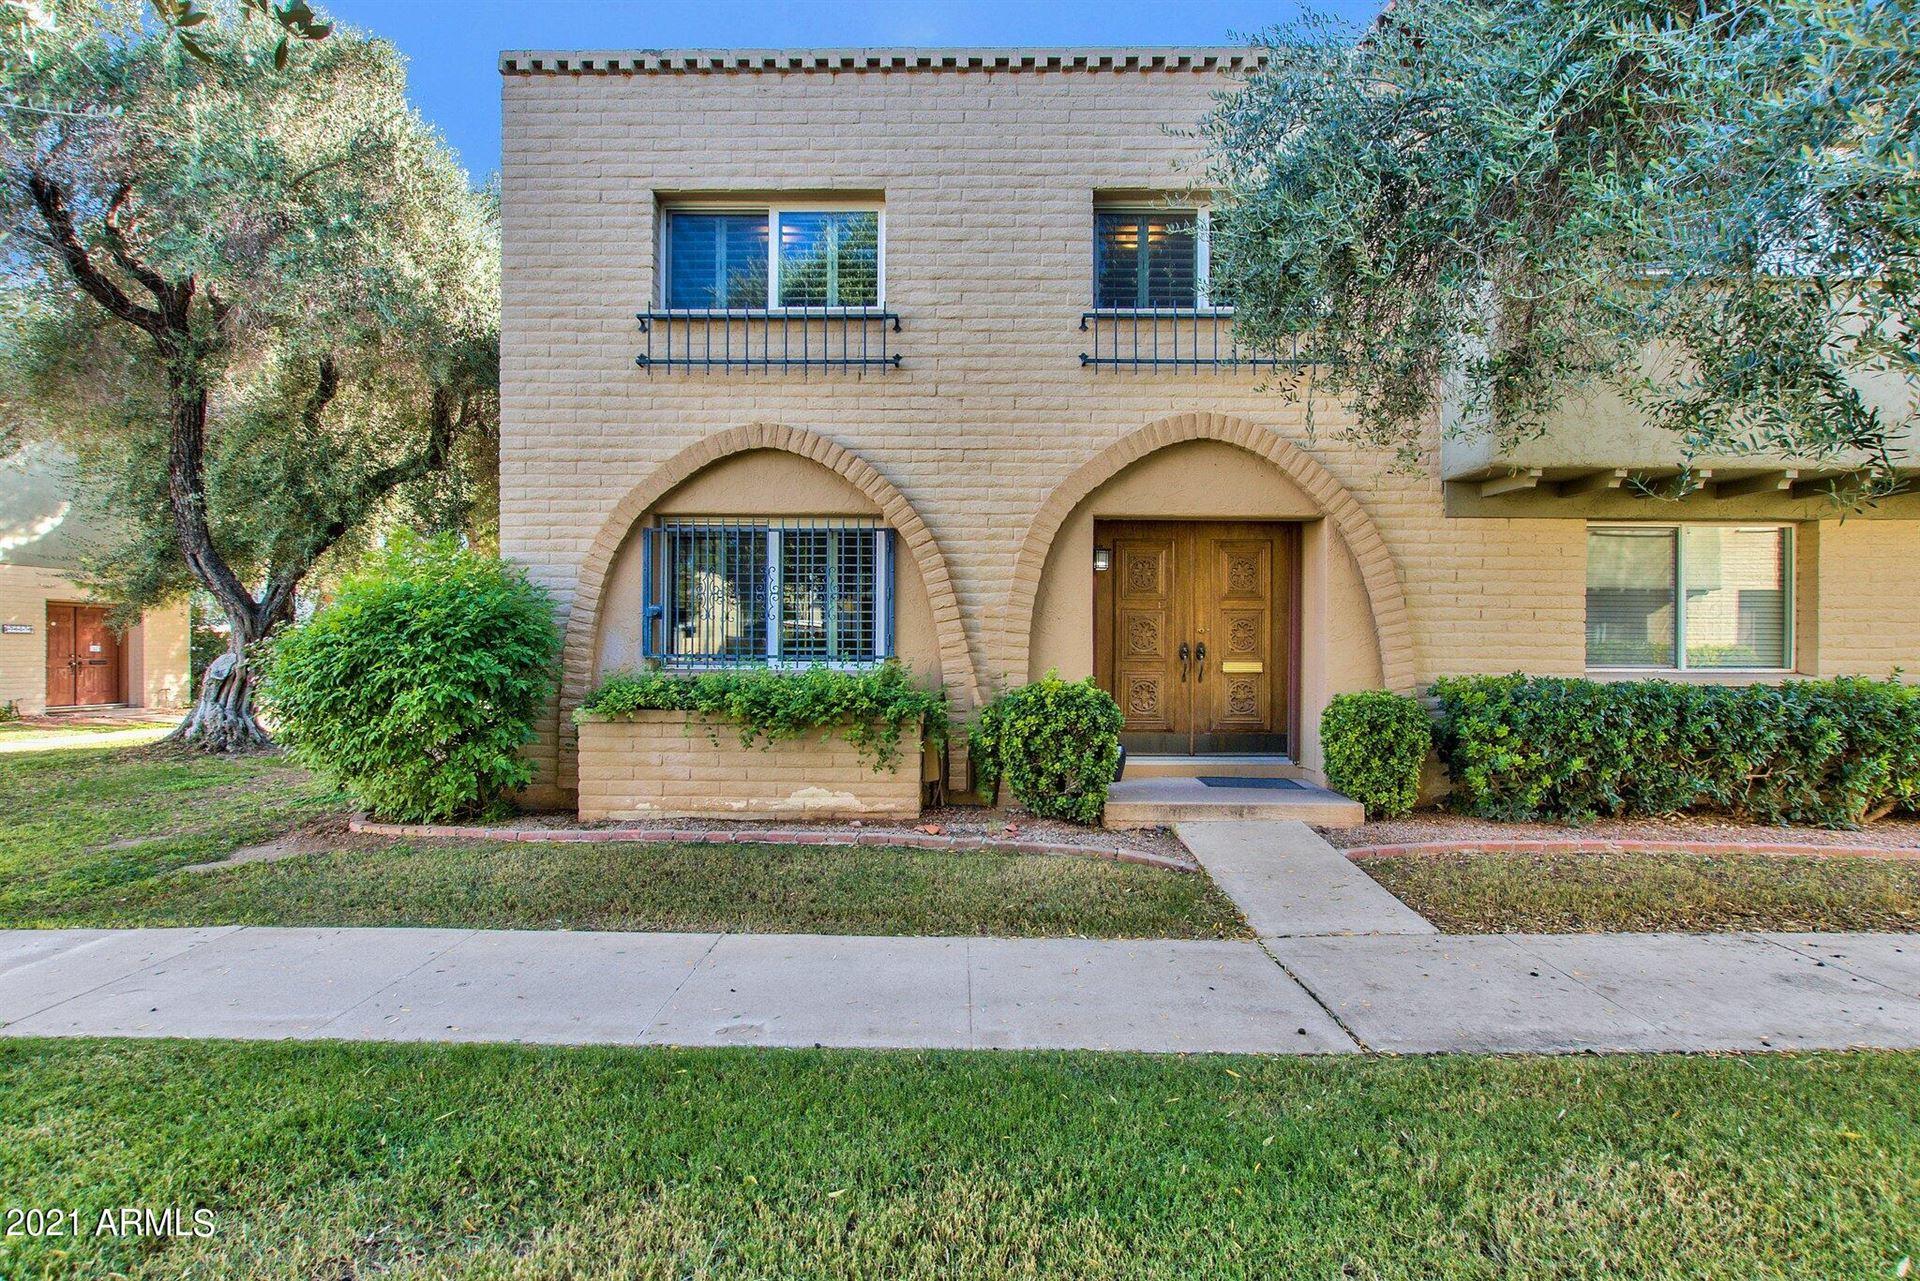 Photo of 4357 N MILLER Road, Scottsdale, AZ 85251 (MLS # 6307314)